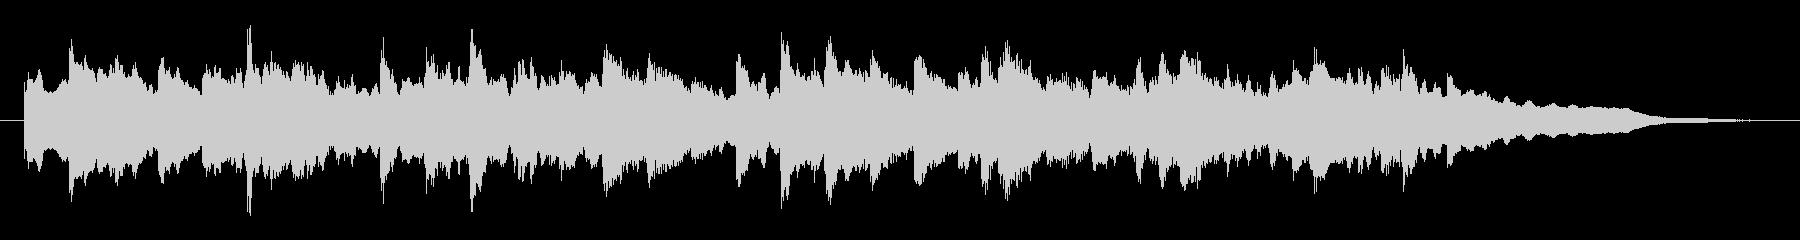 温かい雰囲気BGM(15ver)の未再生の波形